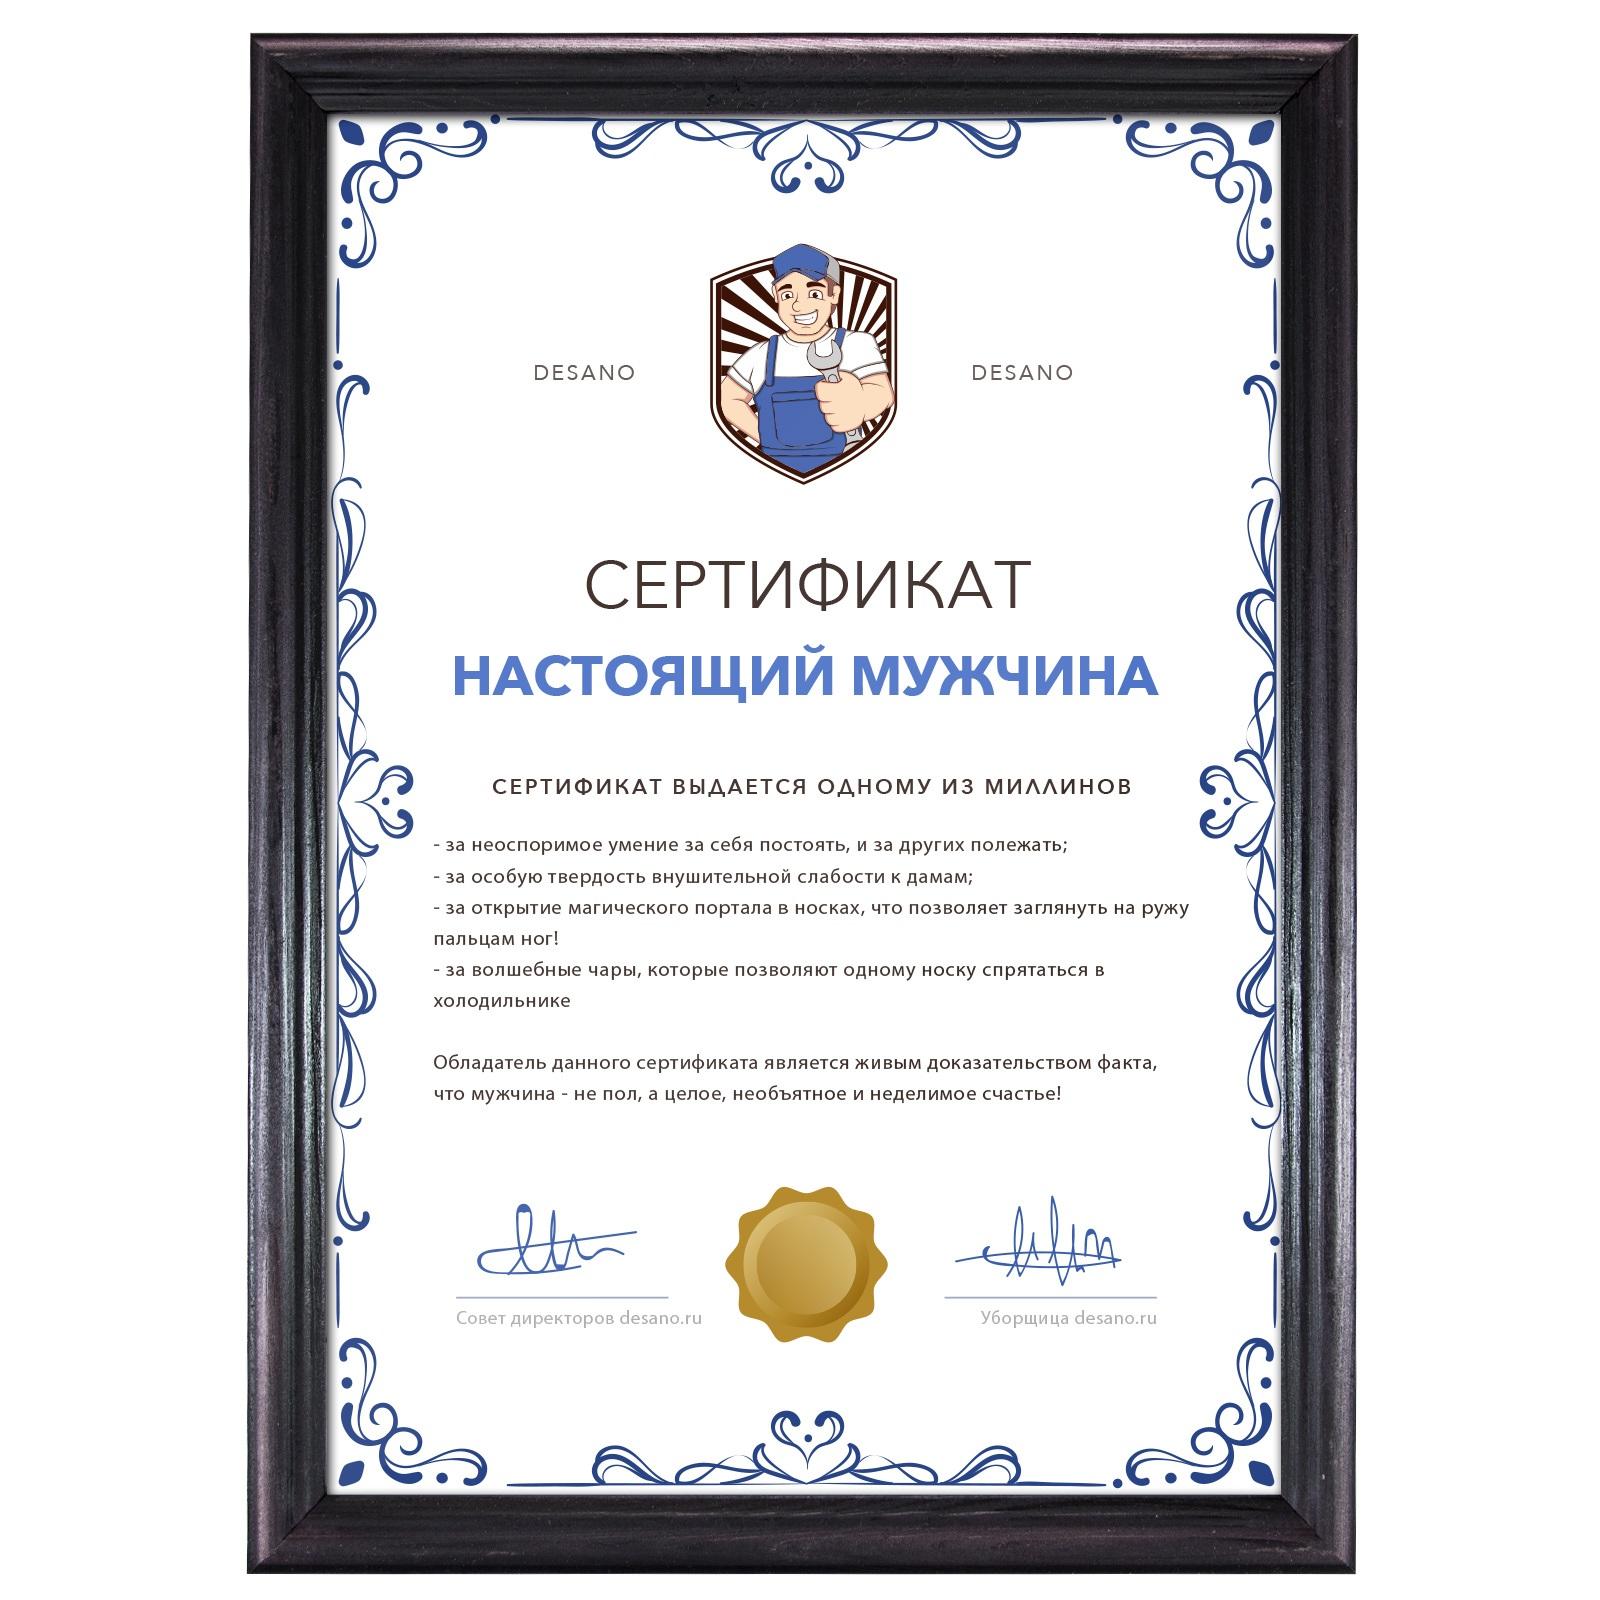 Поздравление при вручении сертификата 620